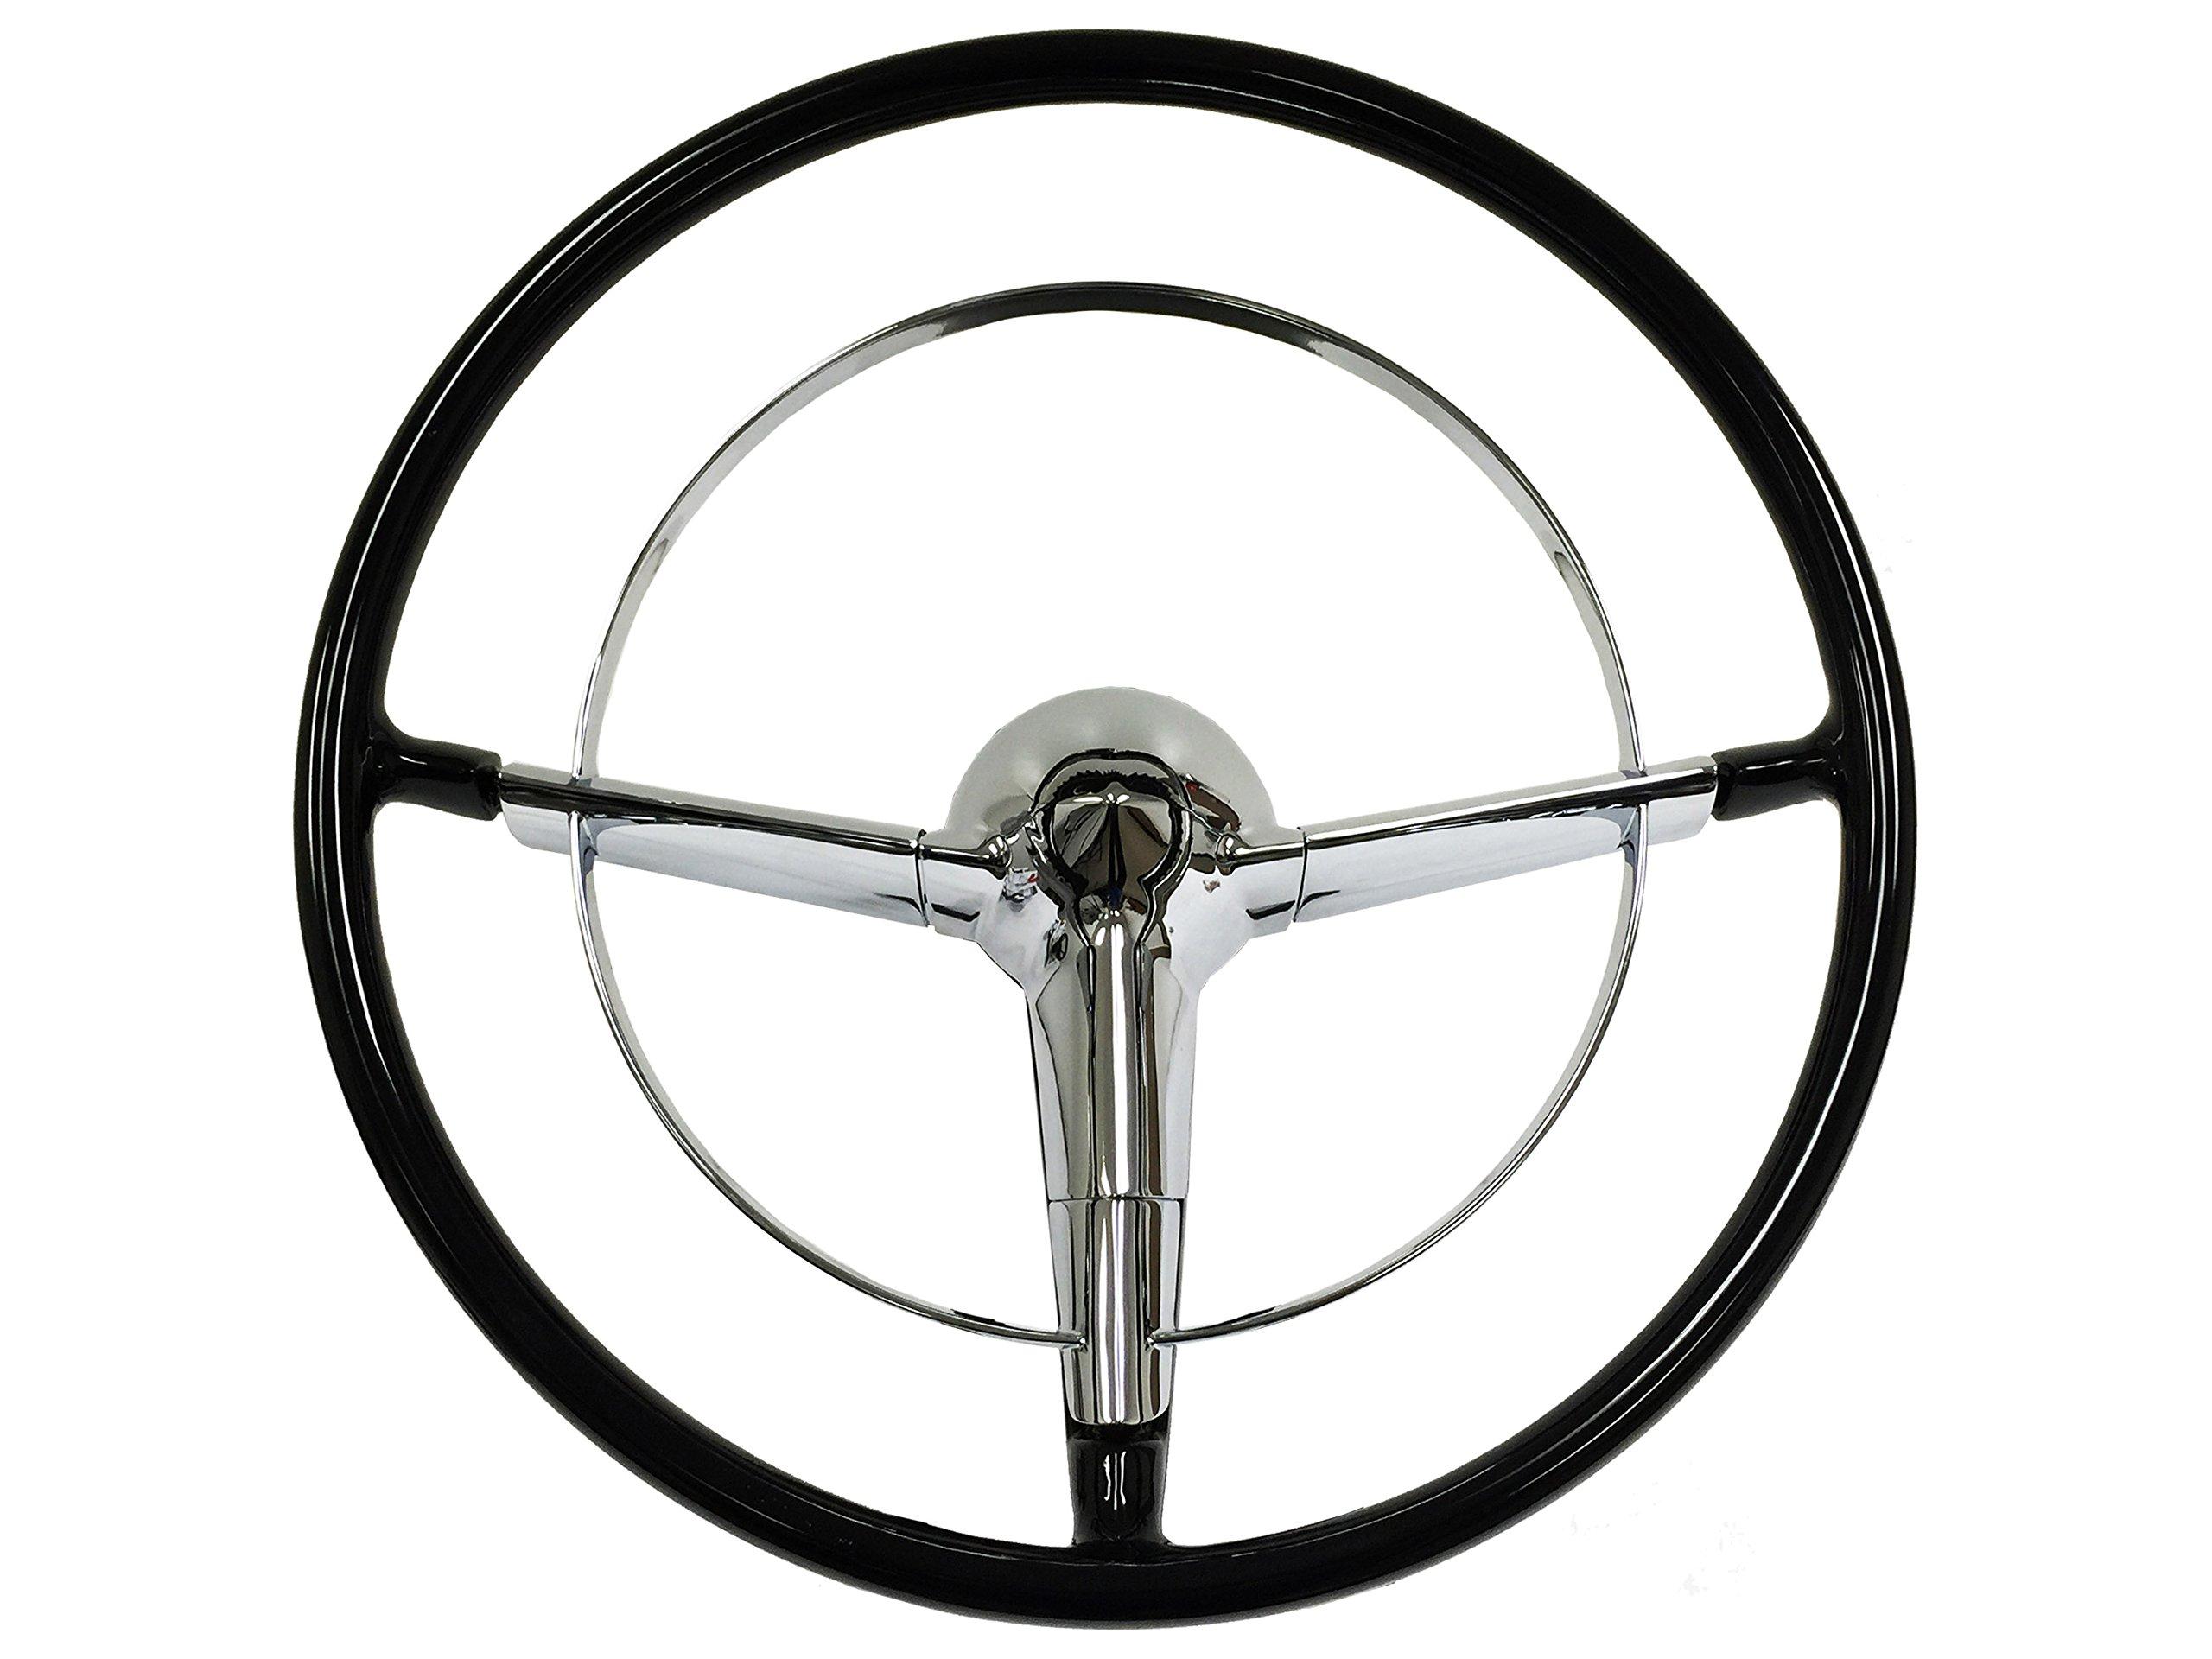 1955-1956 16'' Chevy Bel Air / 210 / TRI 5 Steering Wheel KIT NEW